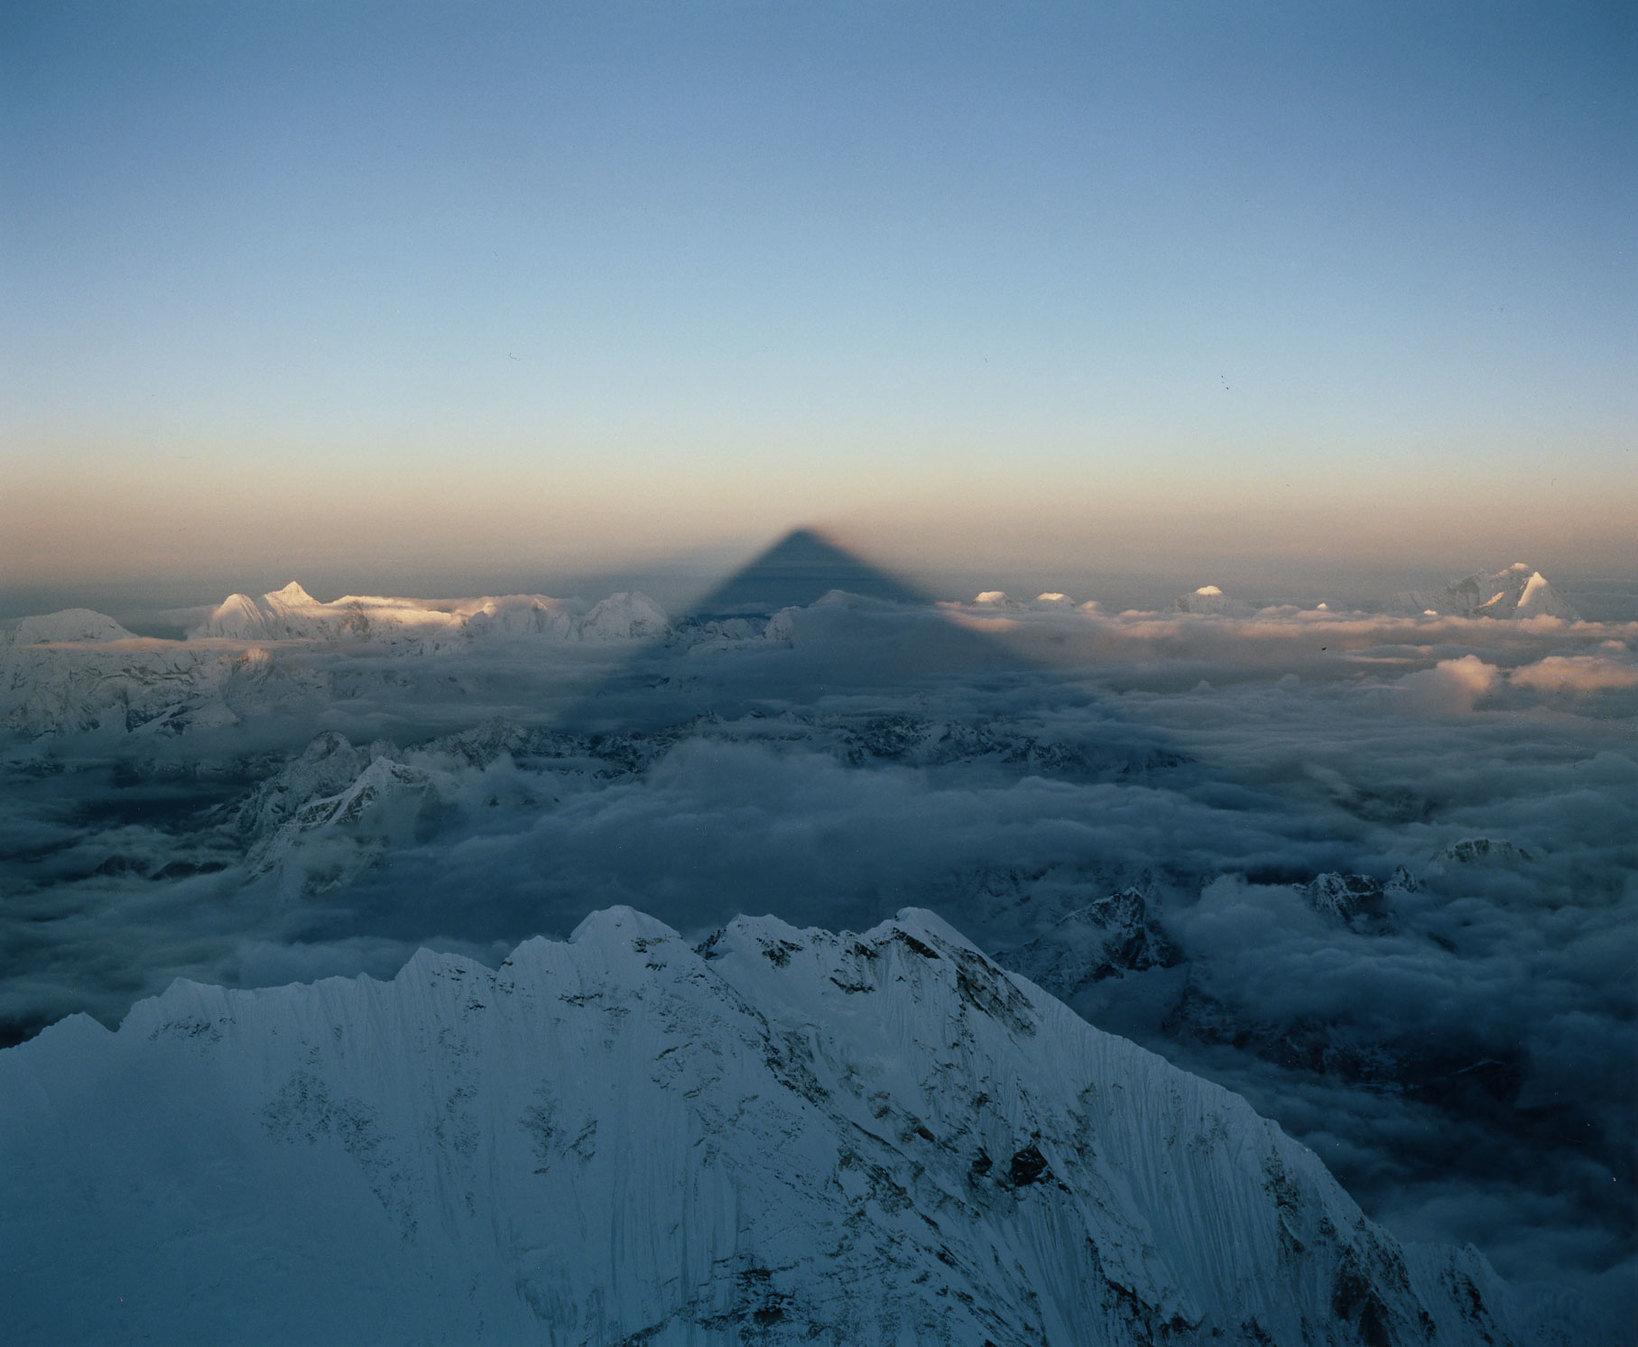 石川直樹 Everest #23  2011年 C-print © Naoki Ishikawa Courtesy of SCAI THE BATHHOUSE